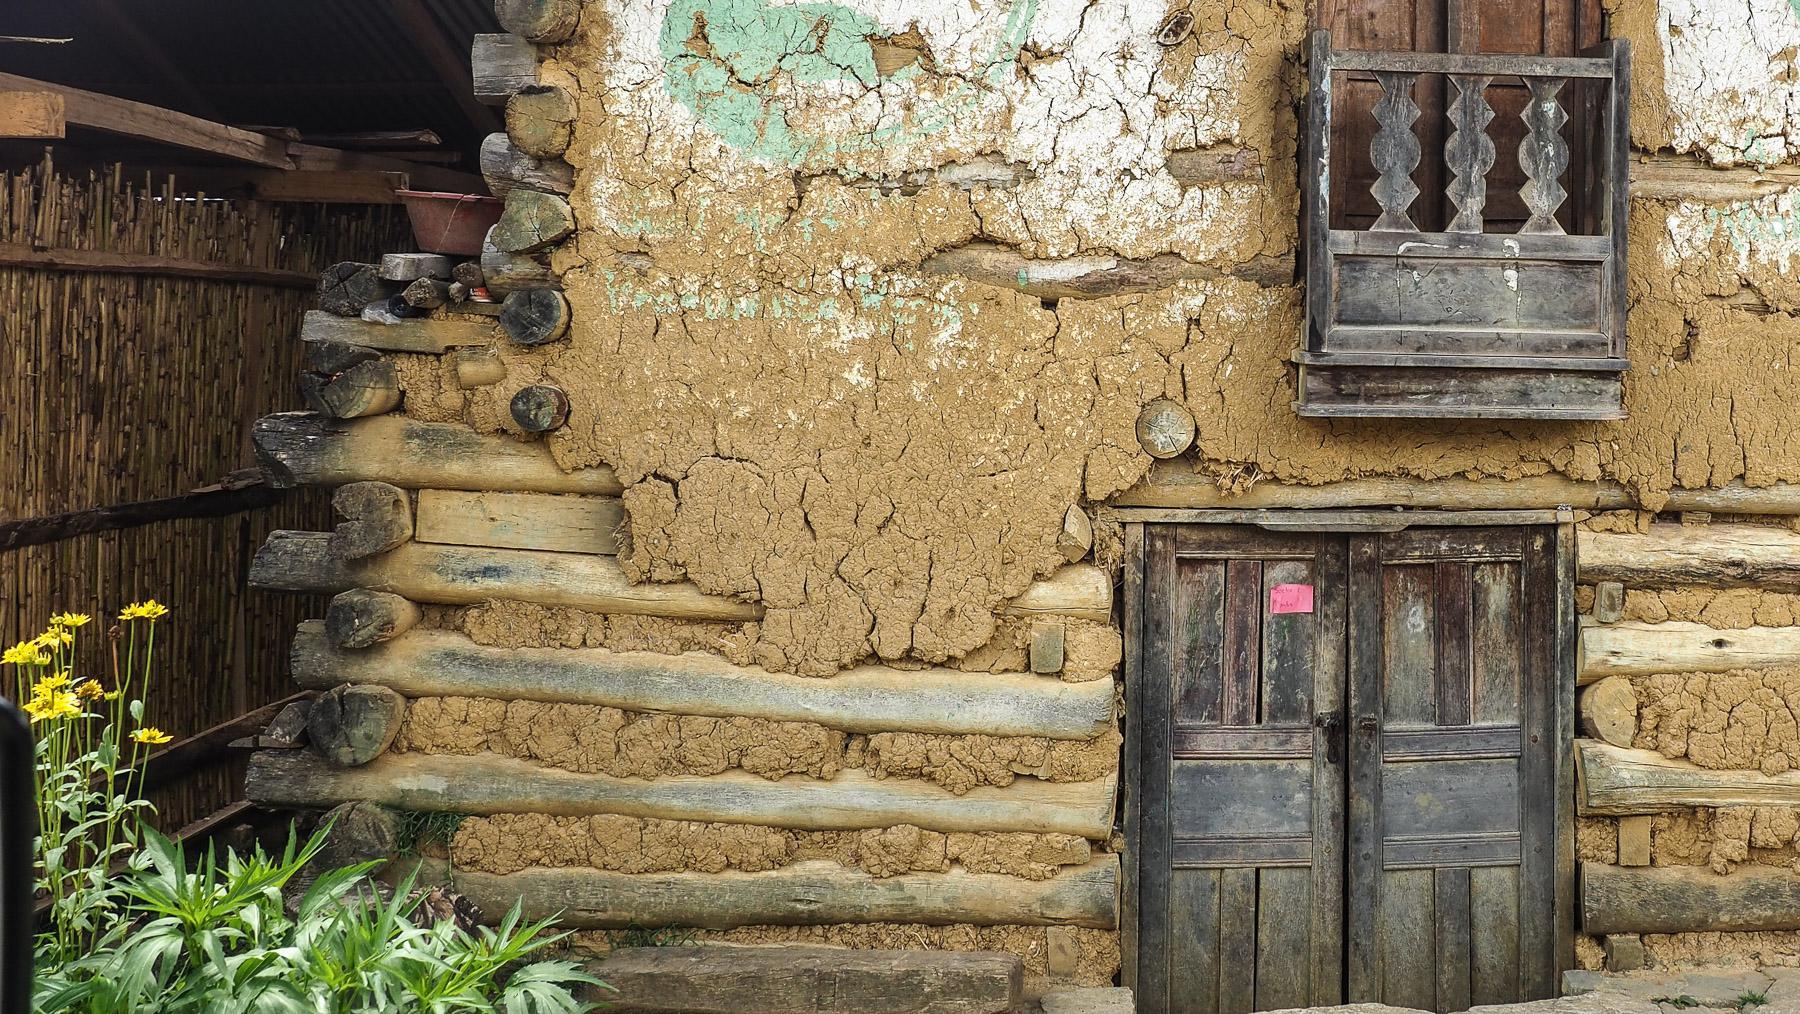 Sehr grob aus Holzbalken und Lehm gebaute alte Bauernhäuser